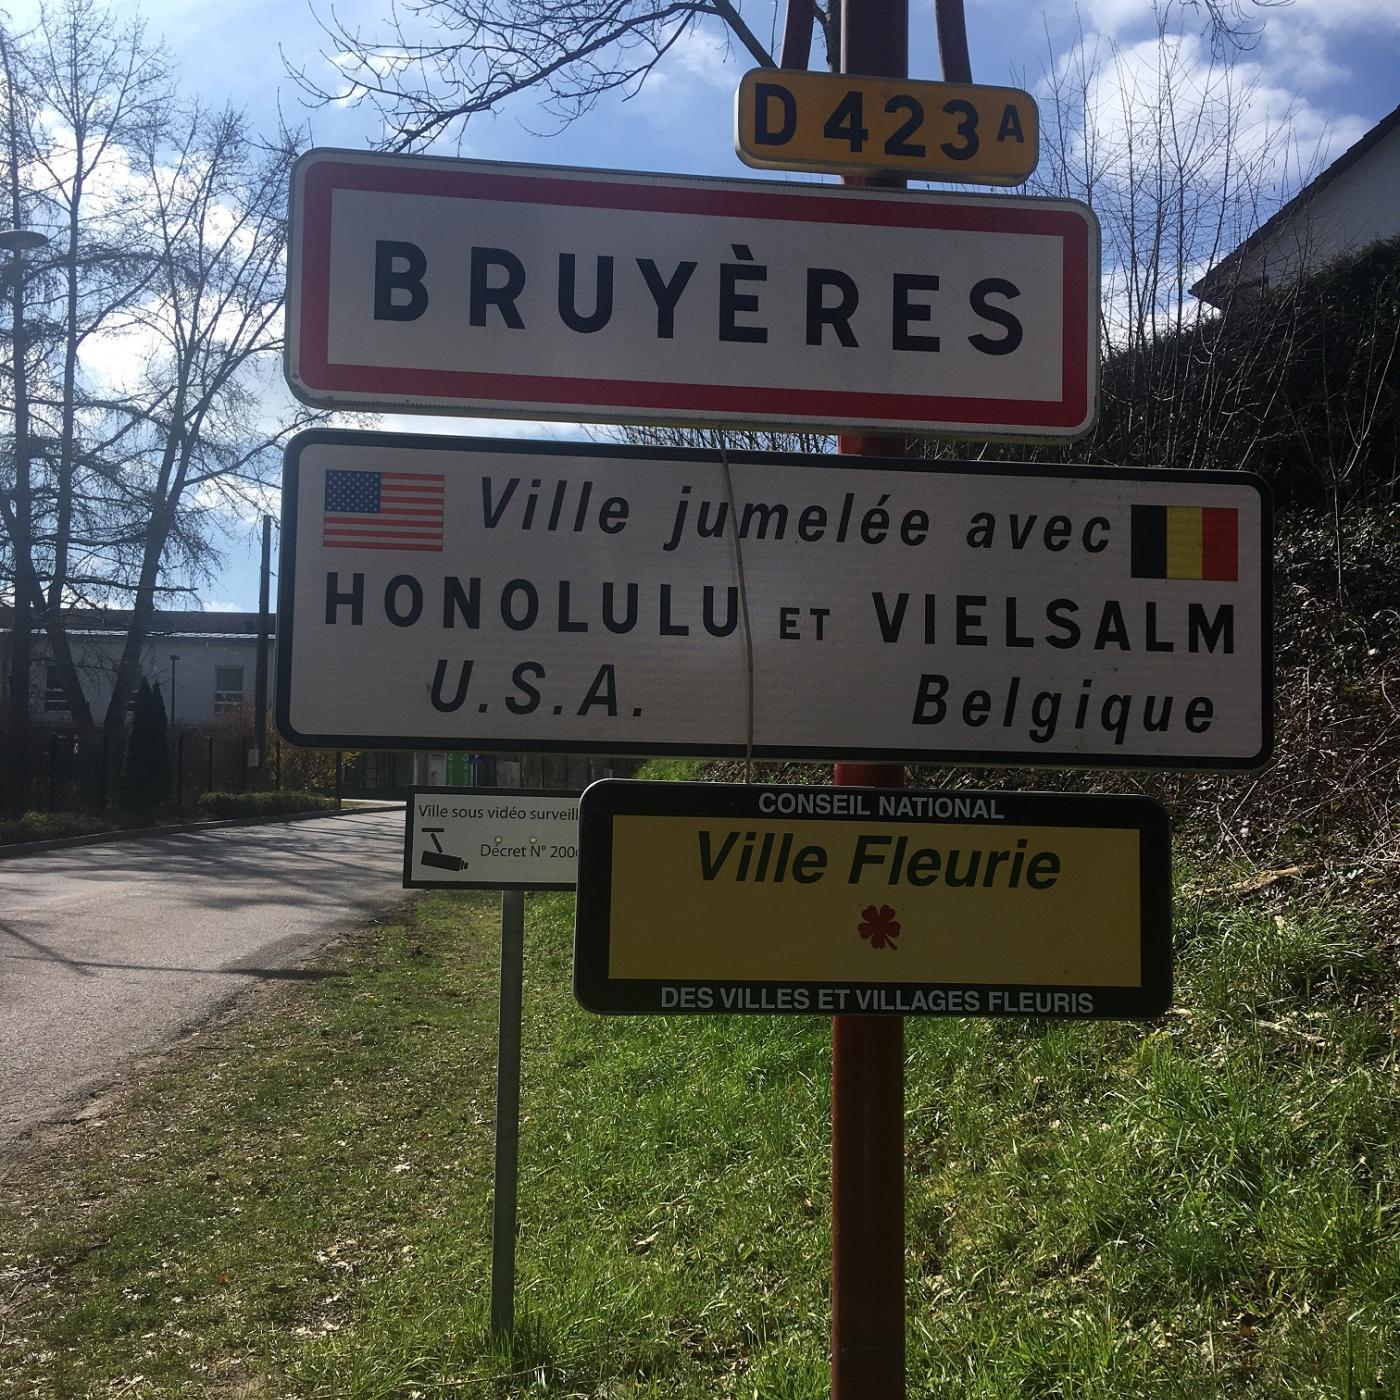 Bruyères : Des projets pour revitaliser la commune